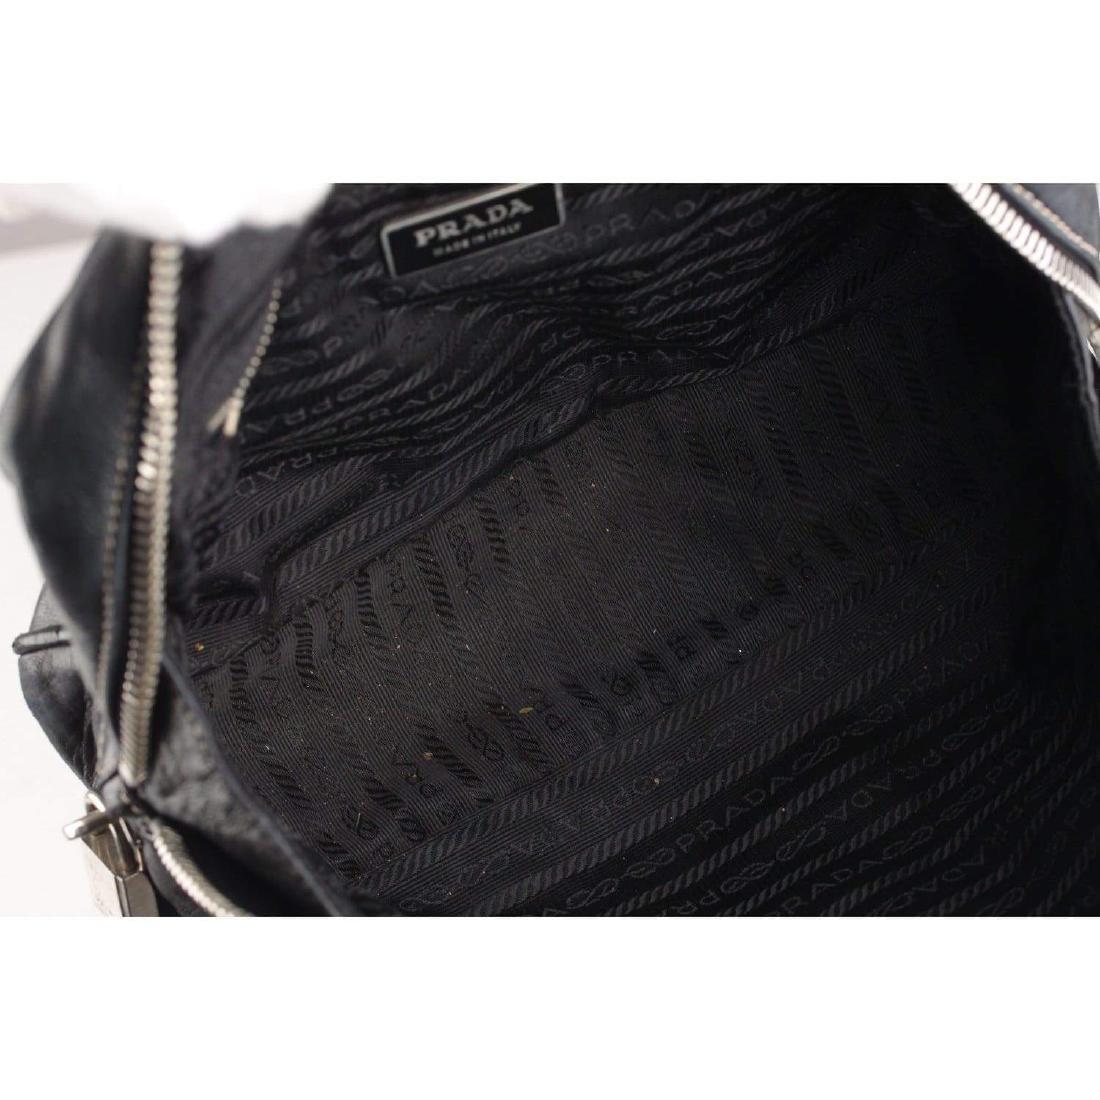 Prada Shoulder Bag with Tassels - 8